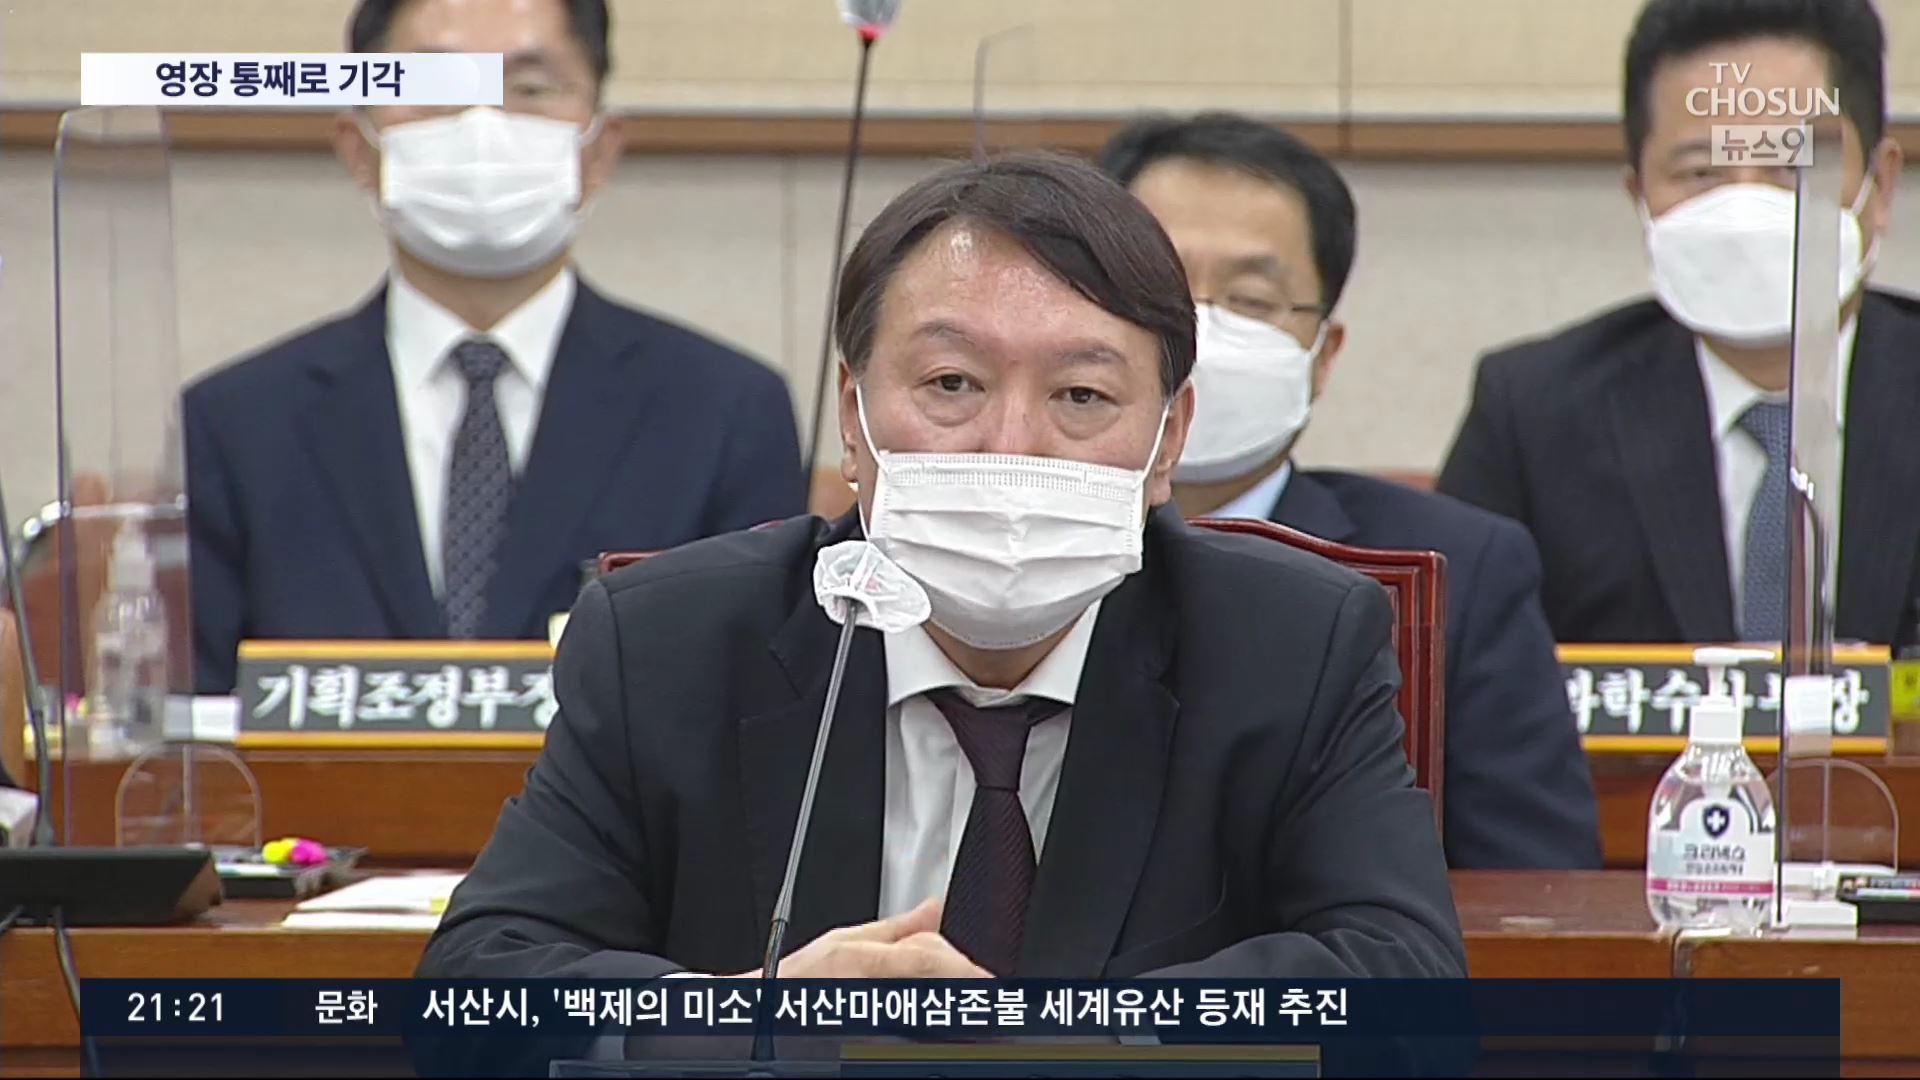 檢, 윤석열 아내 회사 압색 영장청구…법원서 통째 기각